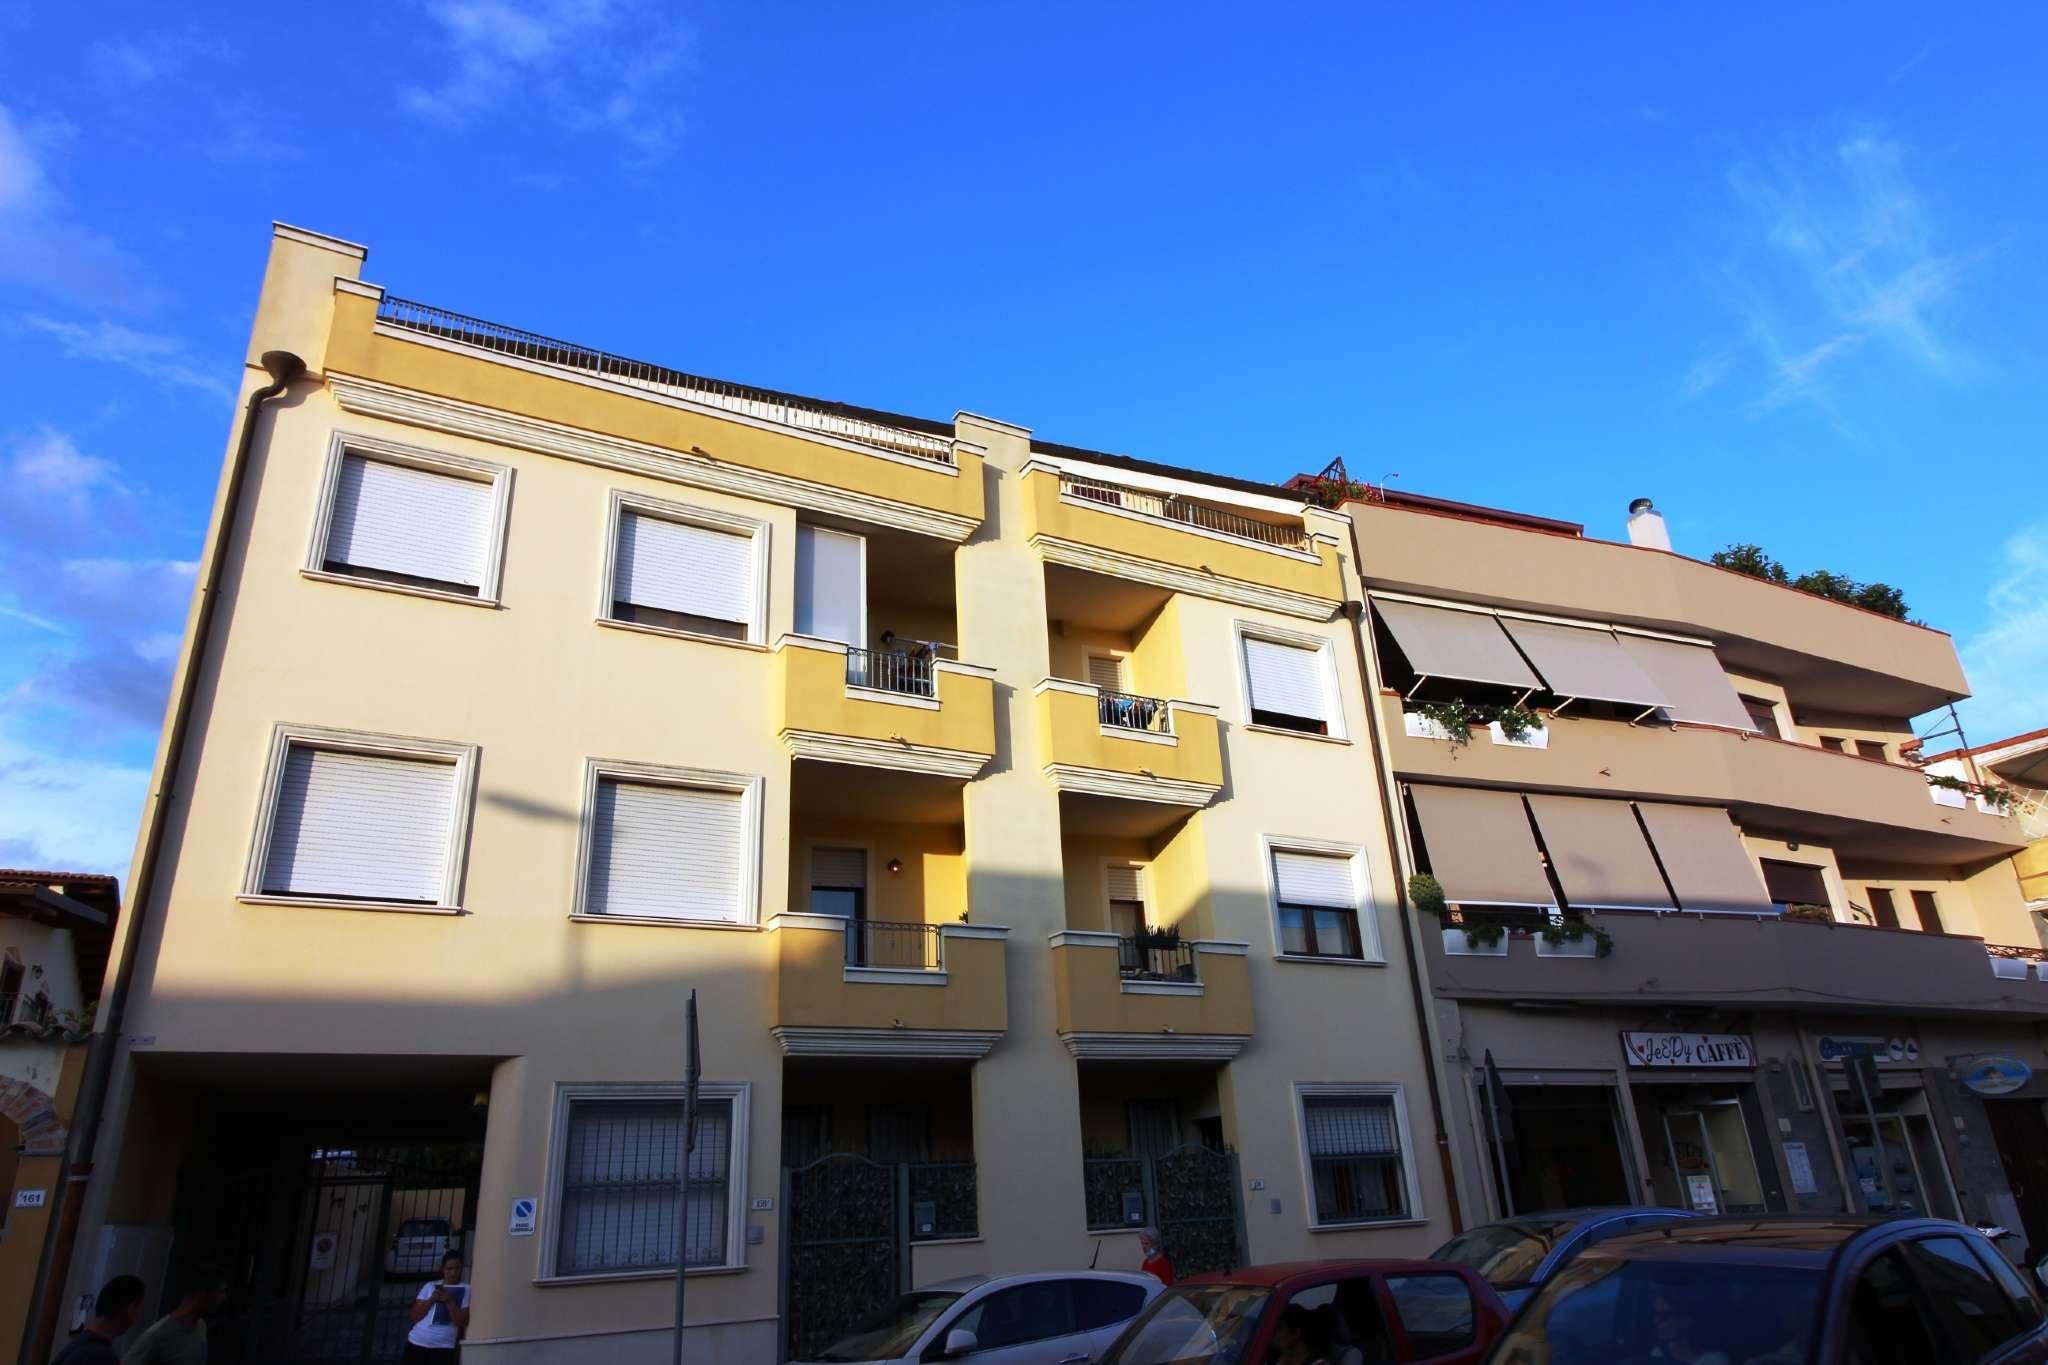 Appartamento in vendita a Elmas, 3 locali, prezzo € 143.000 | CambioCasa.it